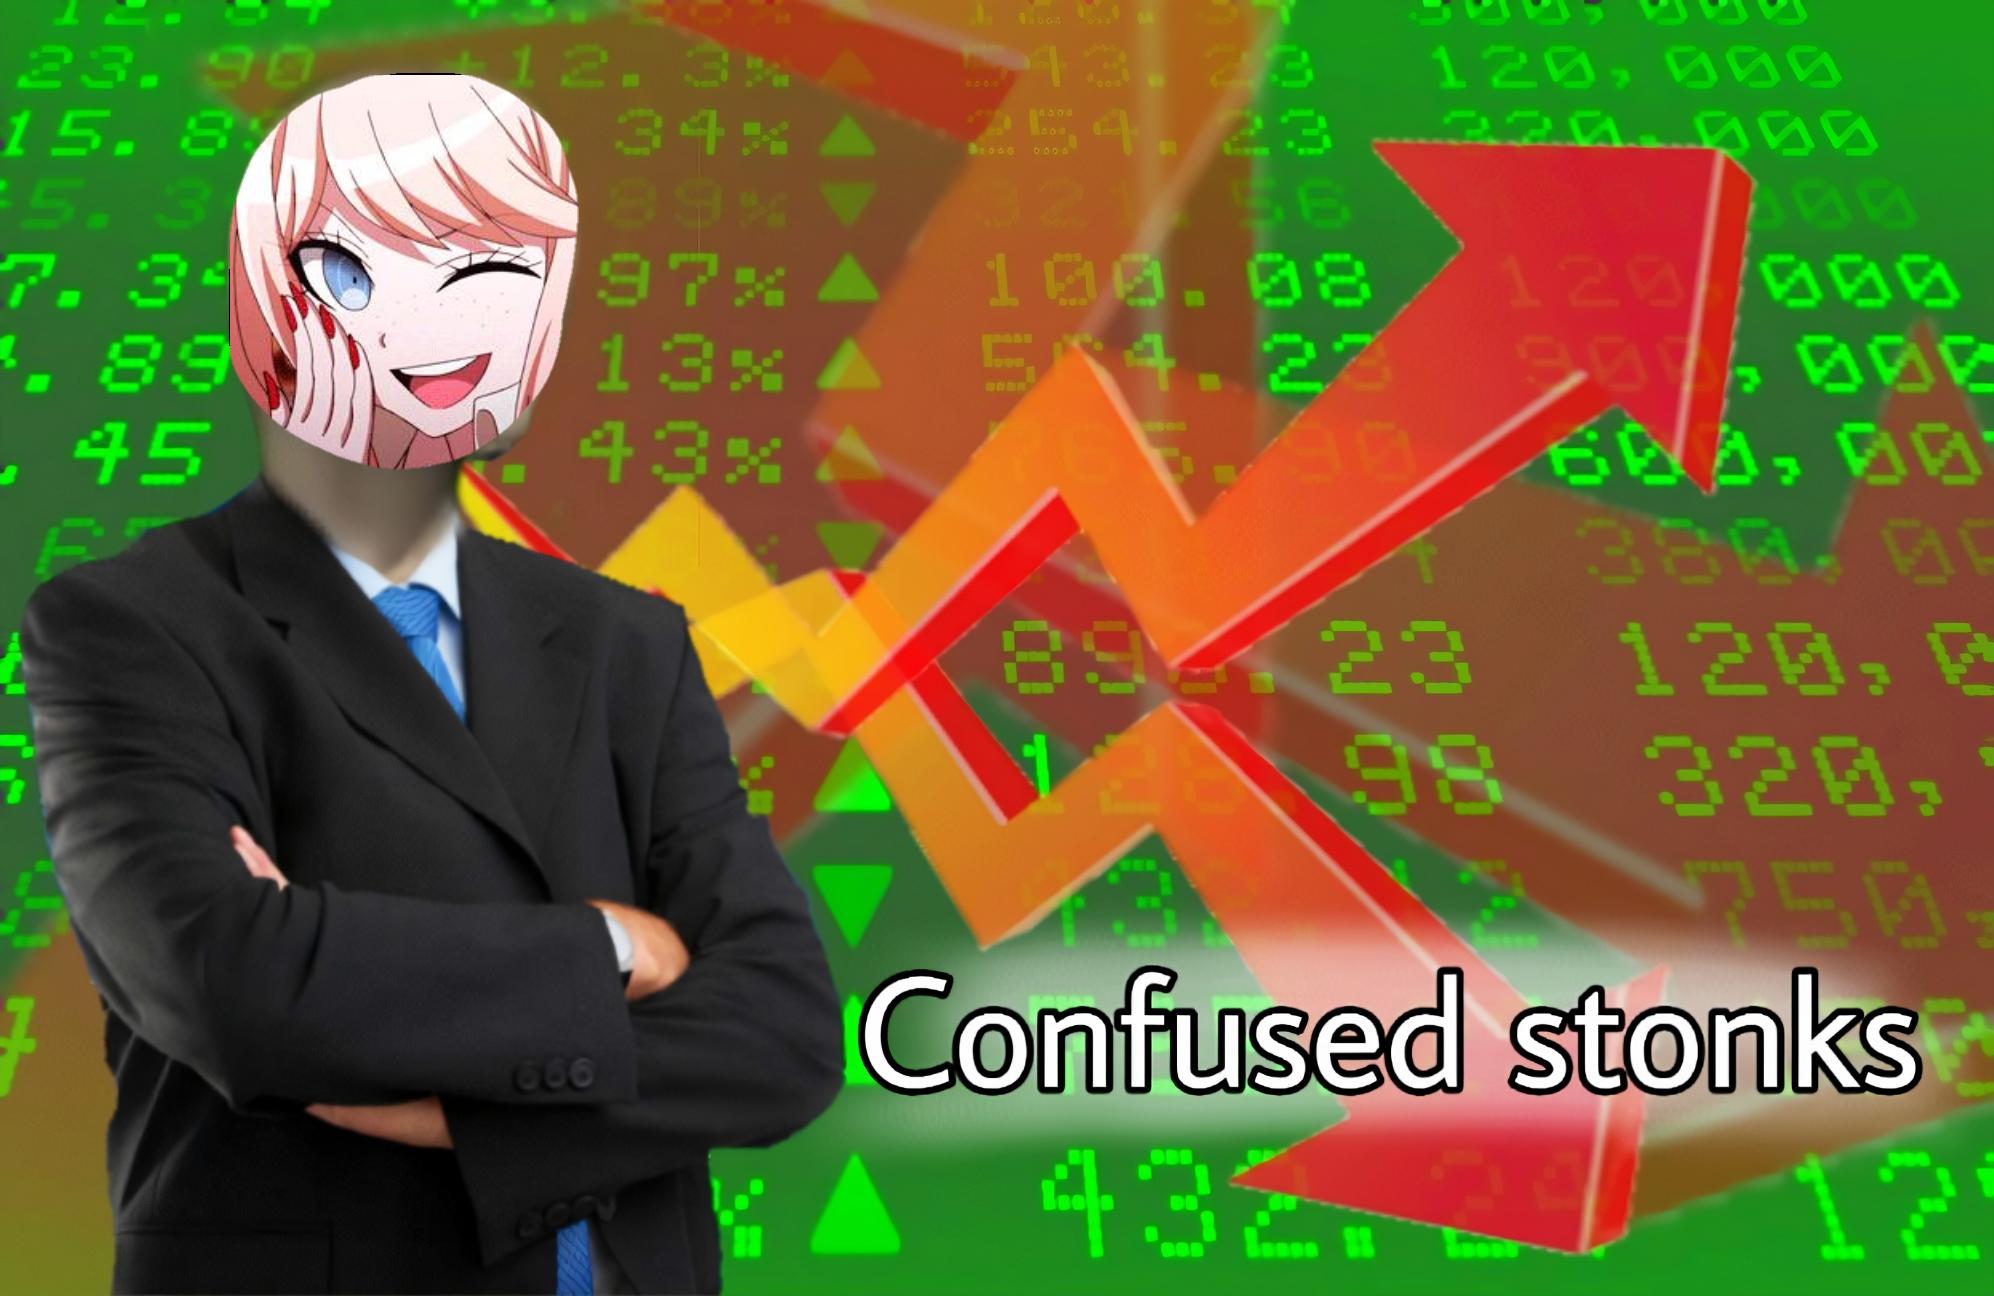 ConfusedStonk